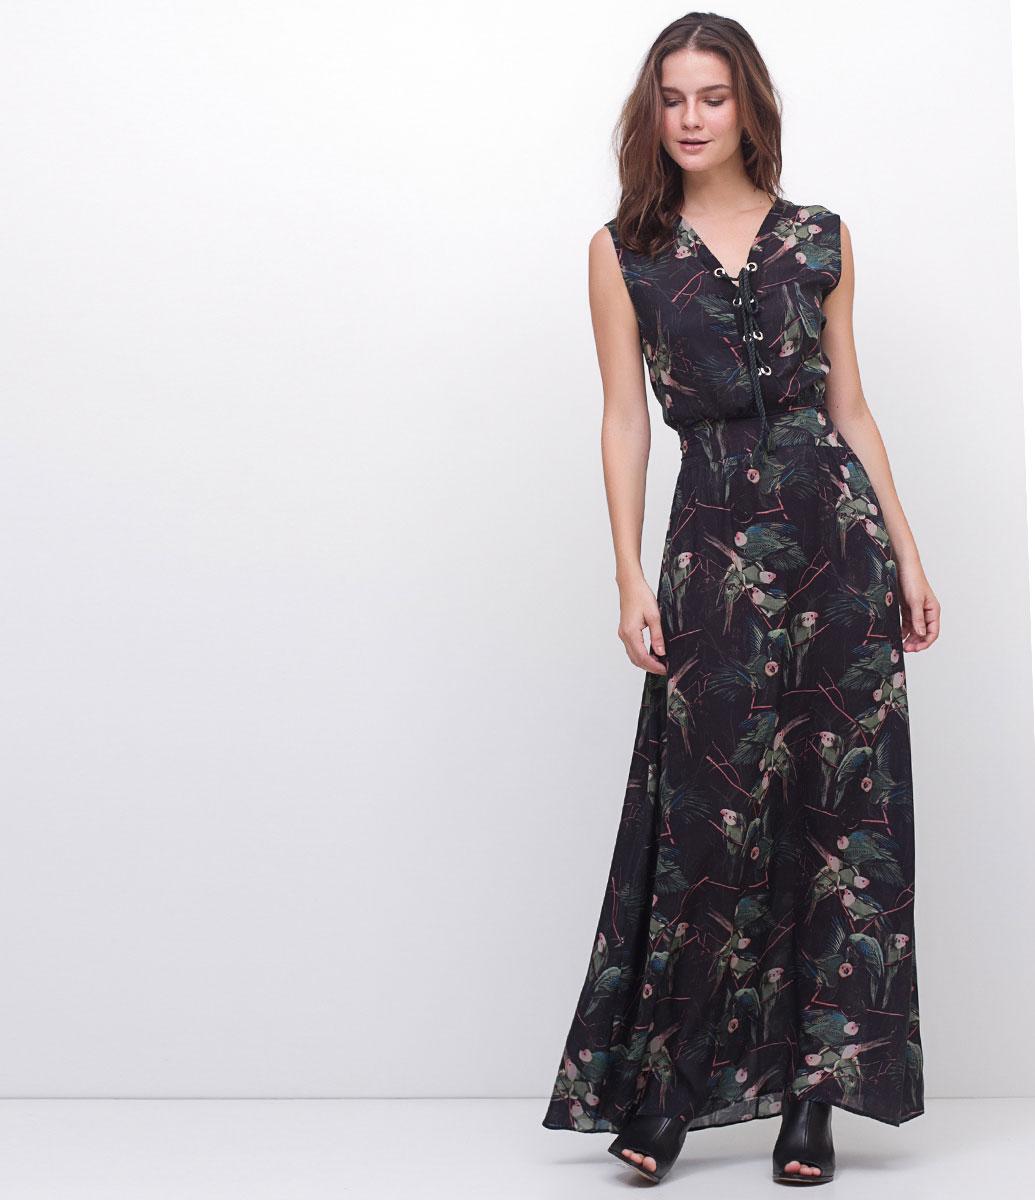 modelo de vestido longo estampado para festa